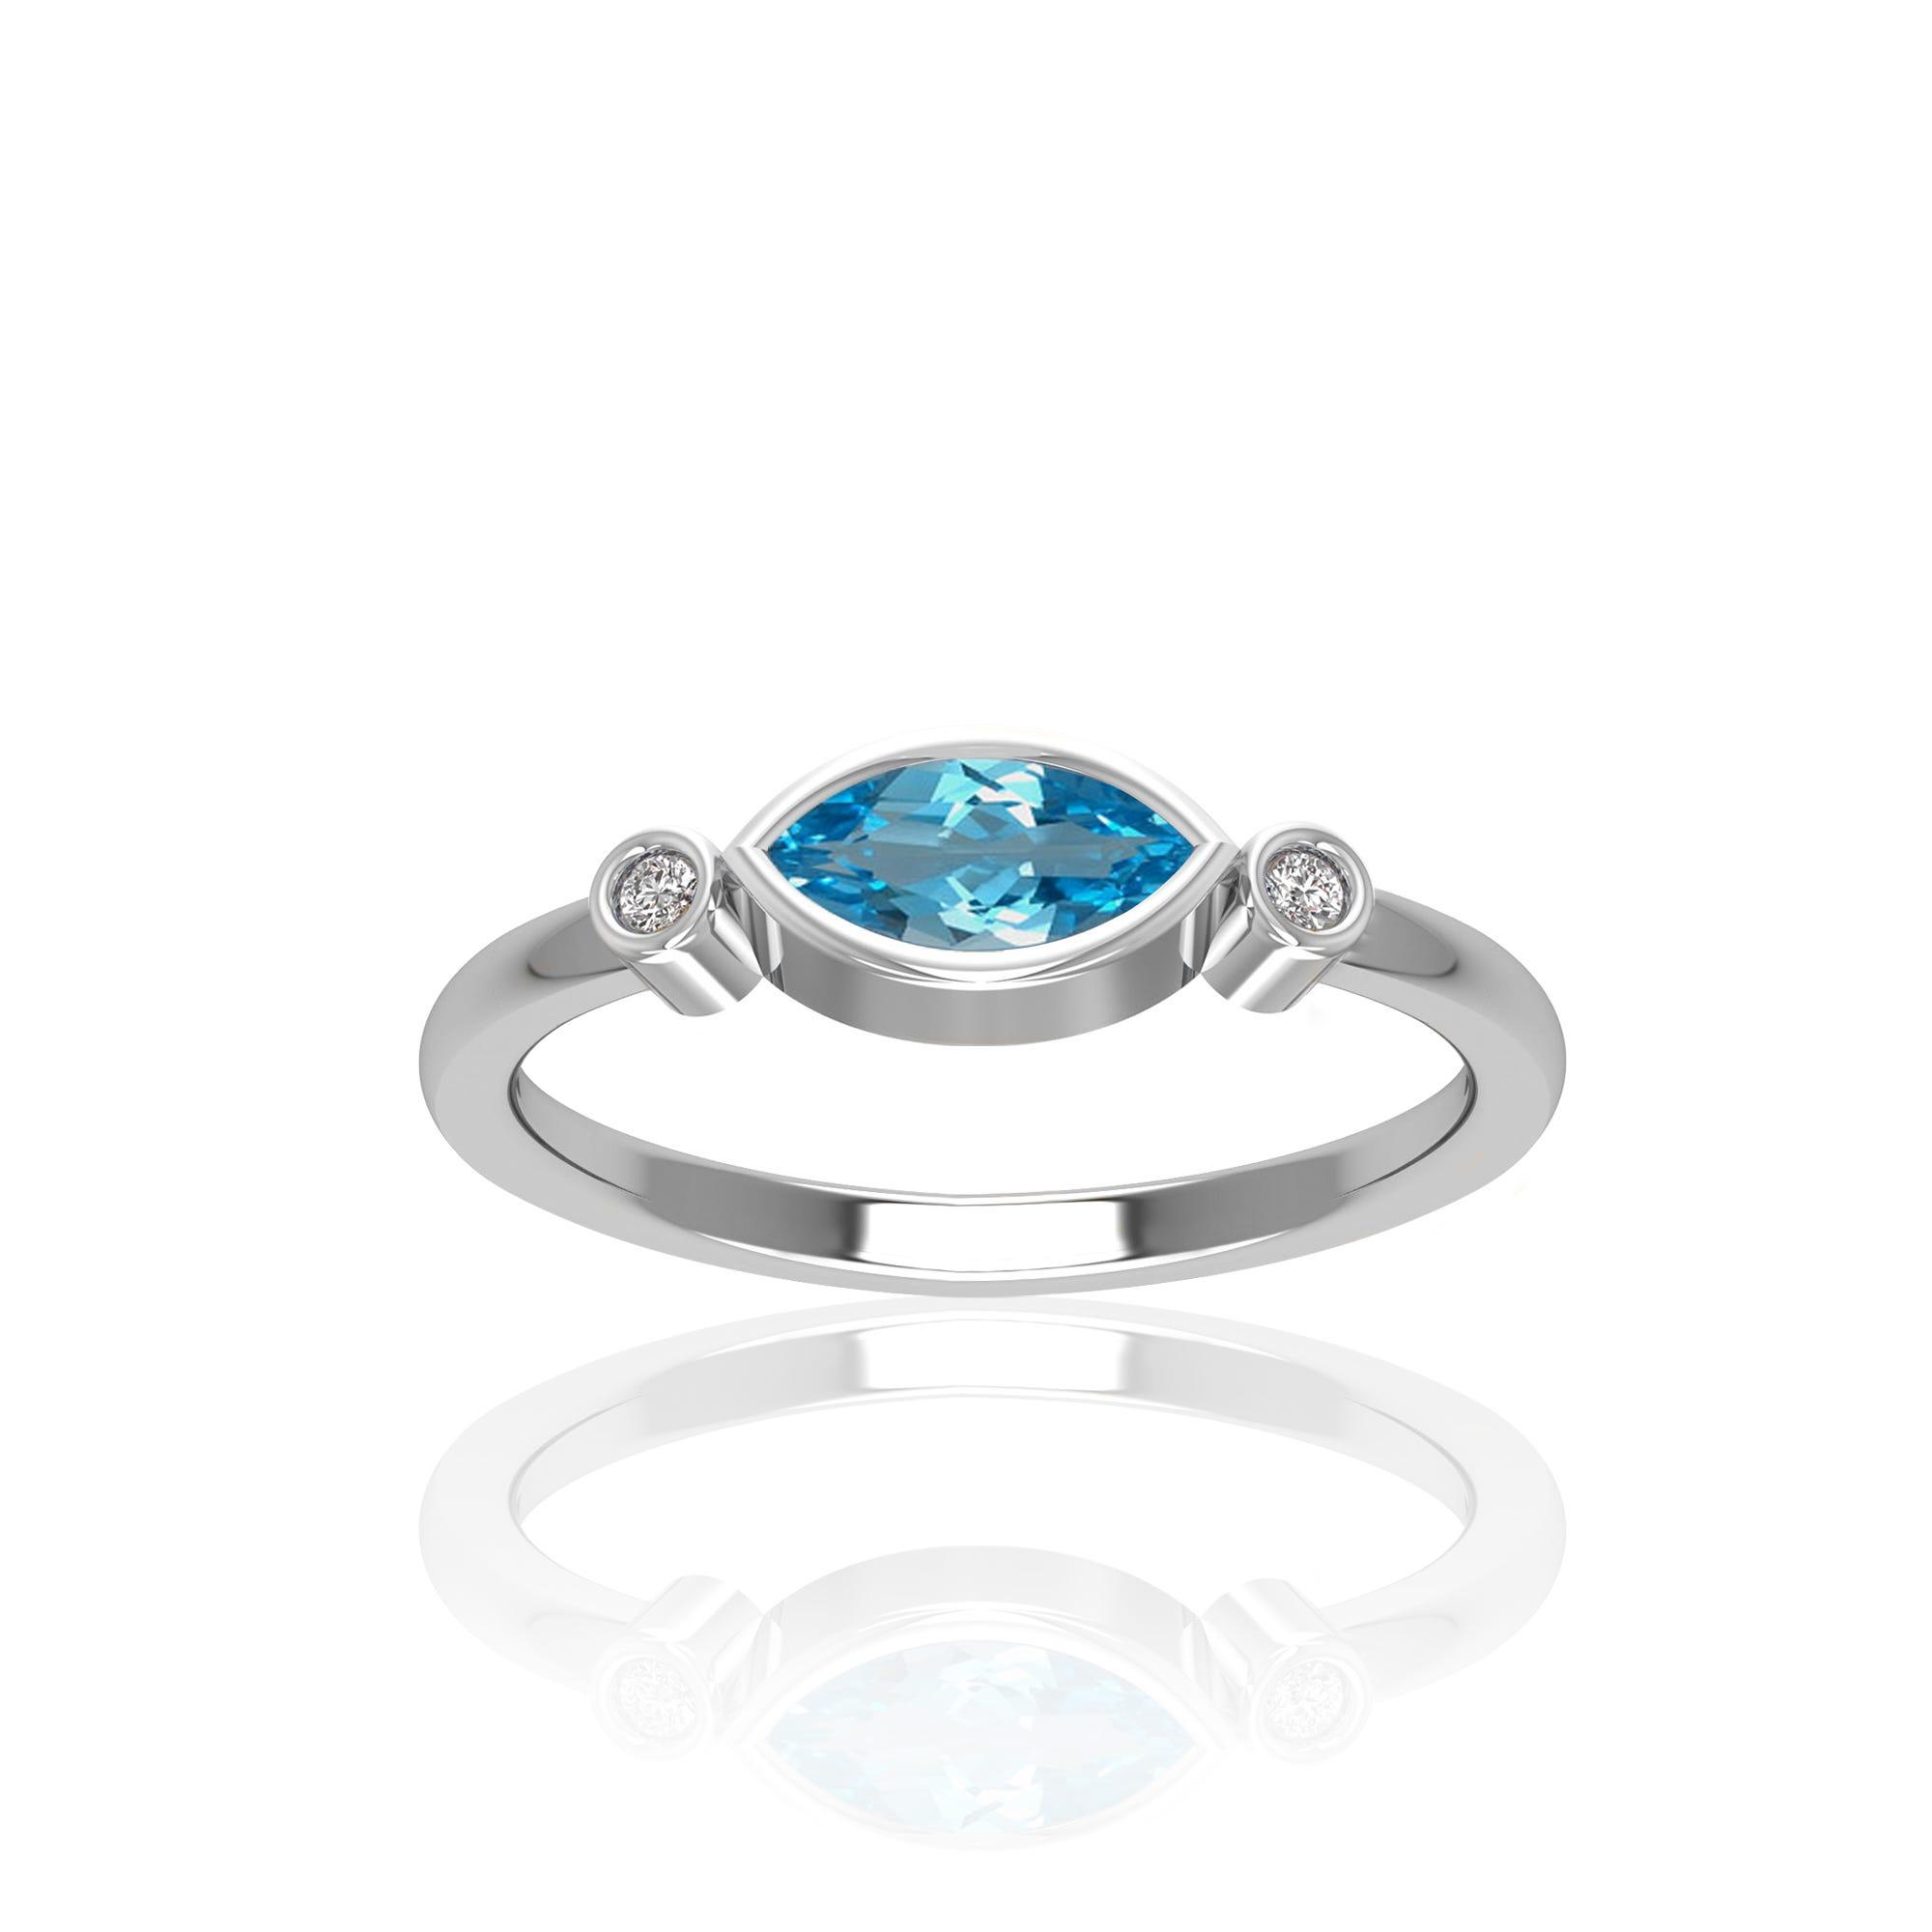 Marquise Shape Blue Topaz & Diamond Ring in 10k White